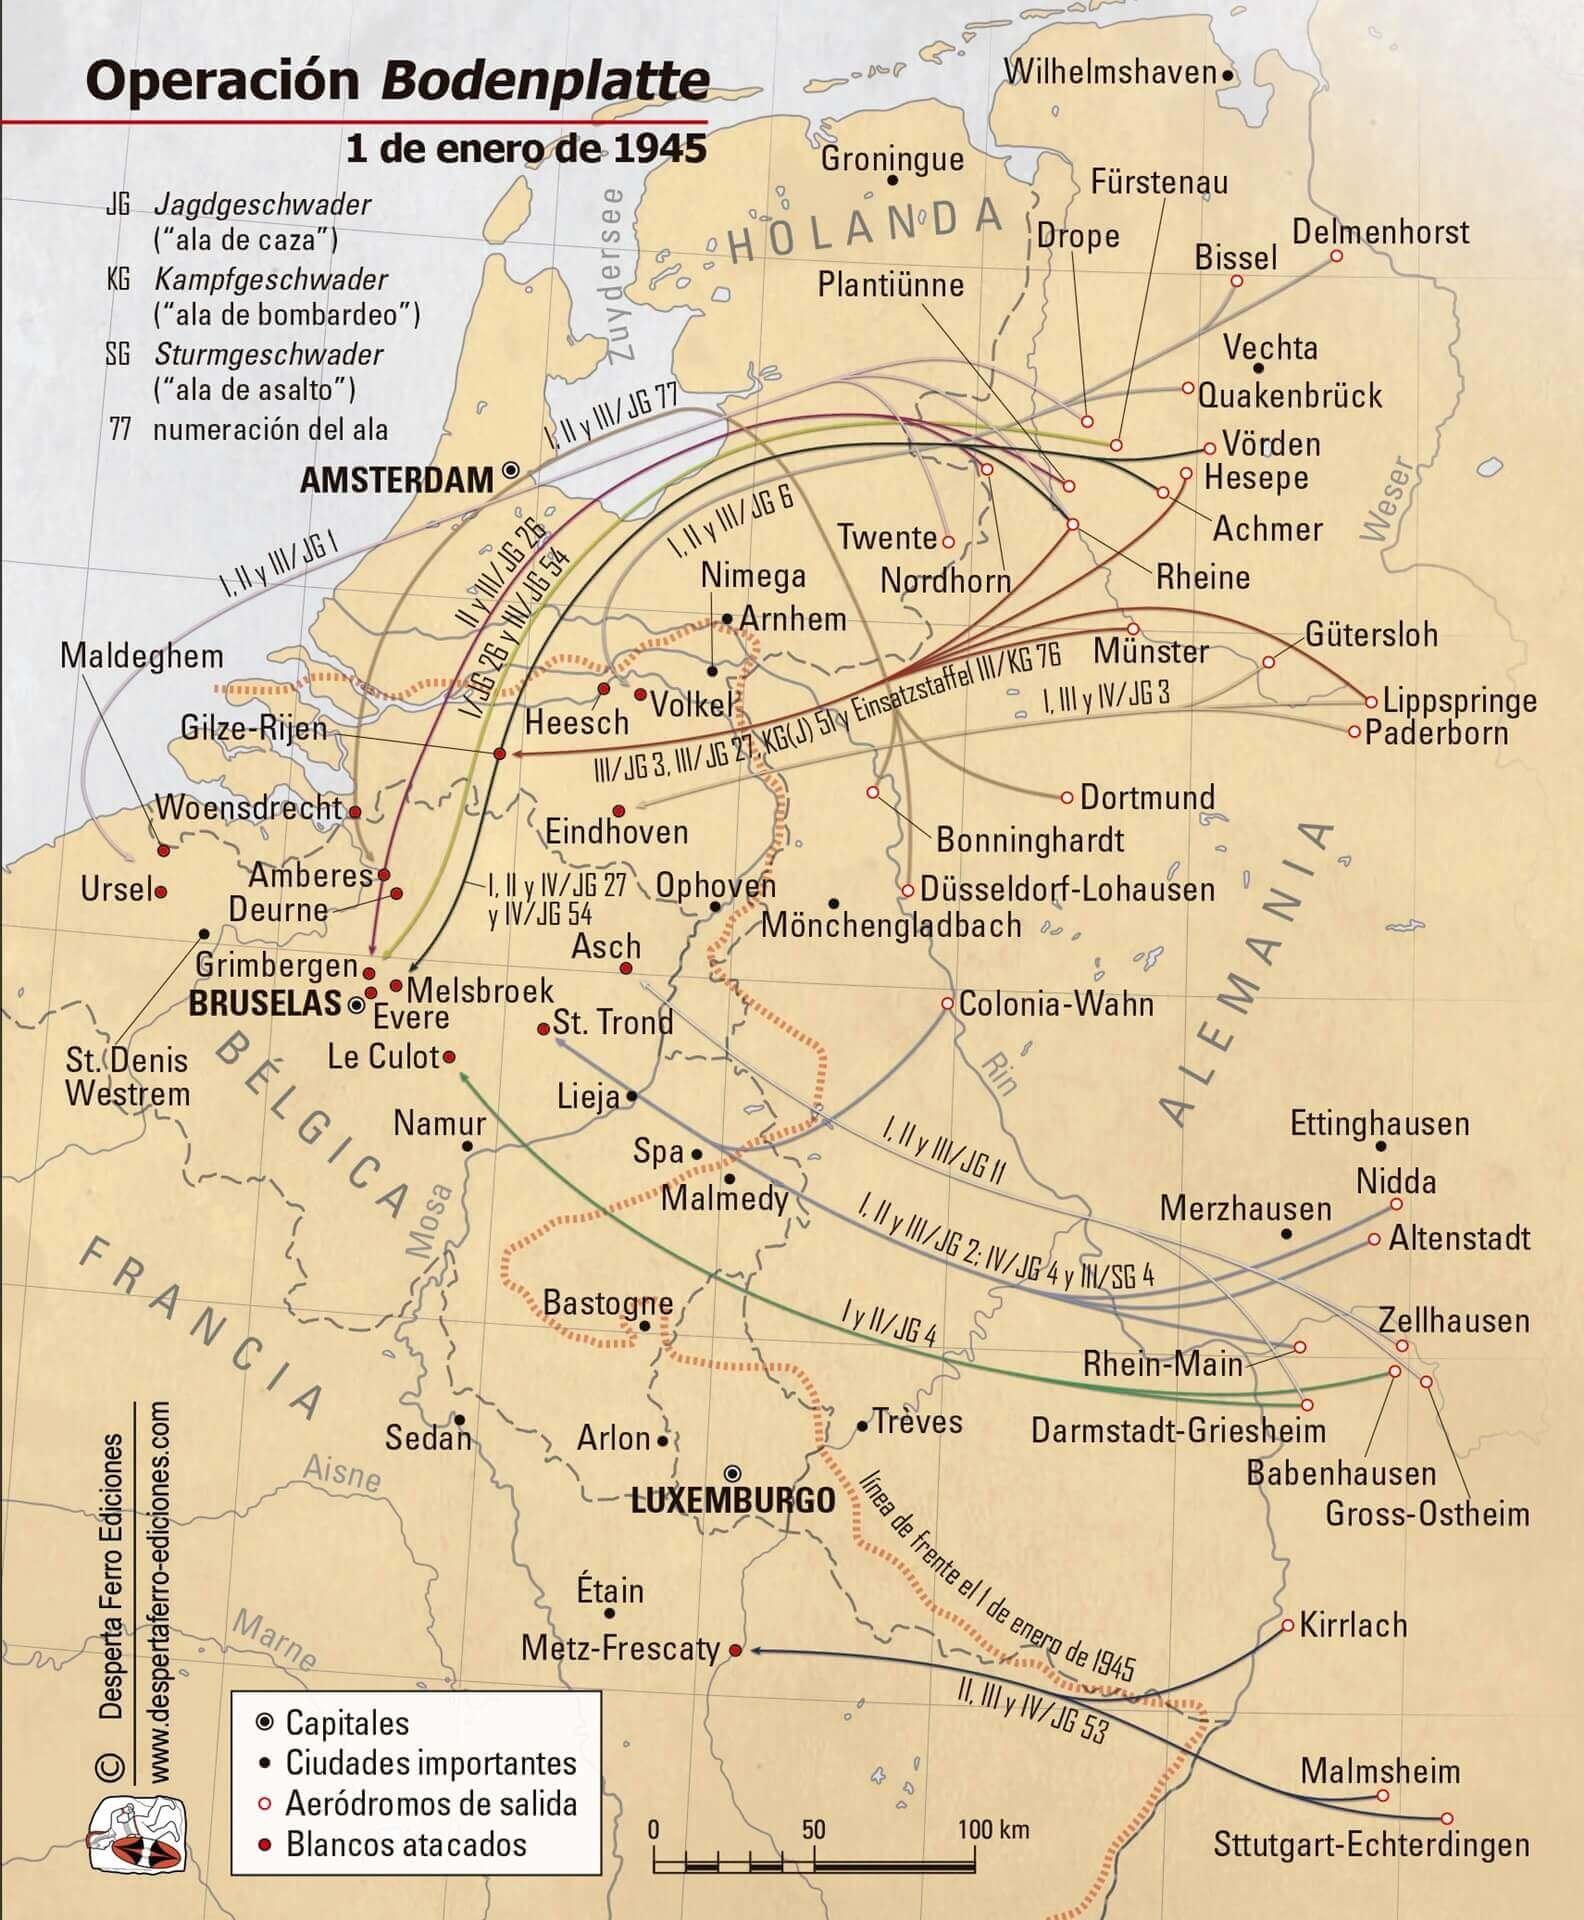 Operación Bodenplatte, 1 de enero de 1945 Ardenas Luftwaffe